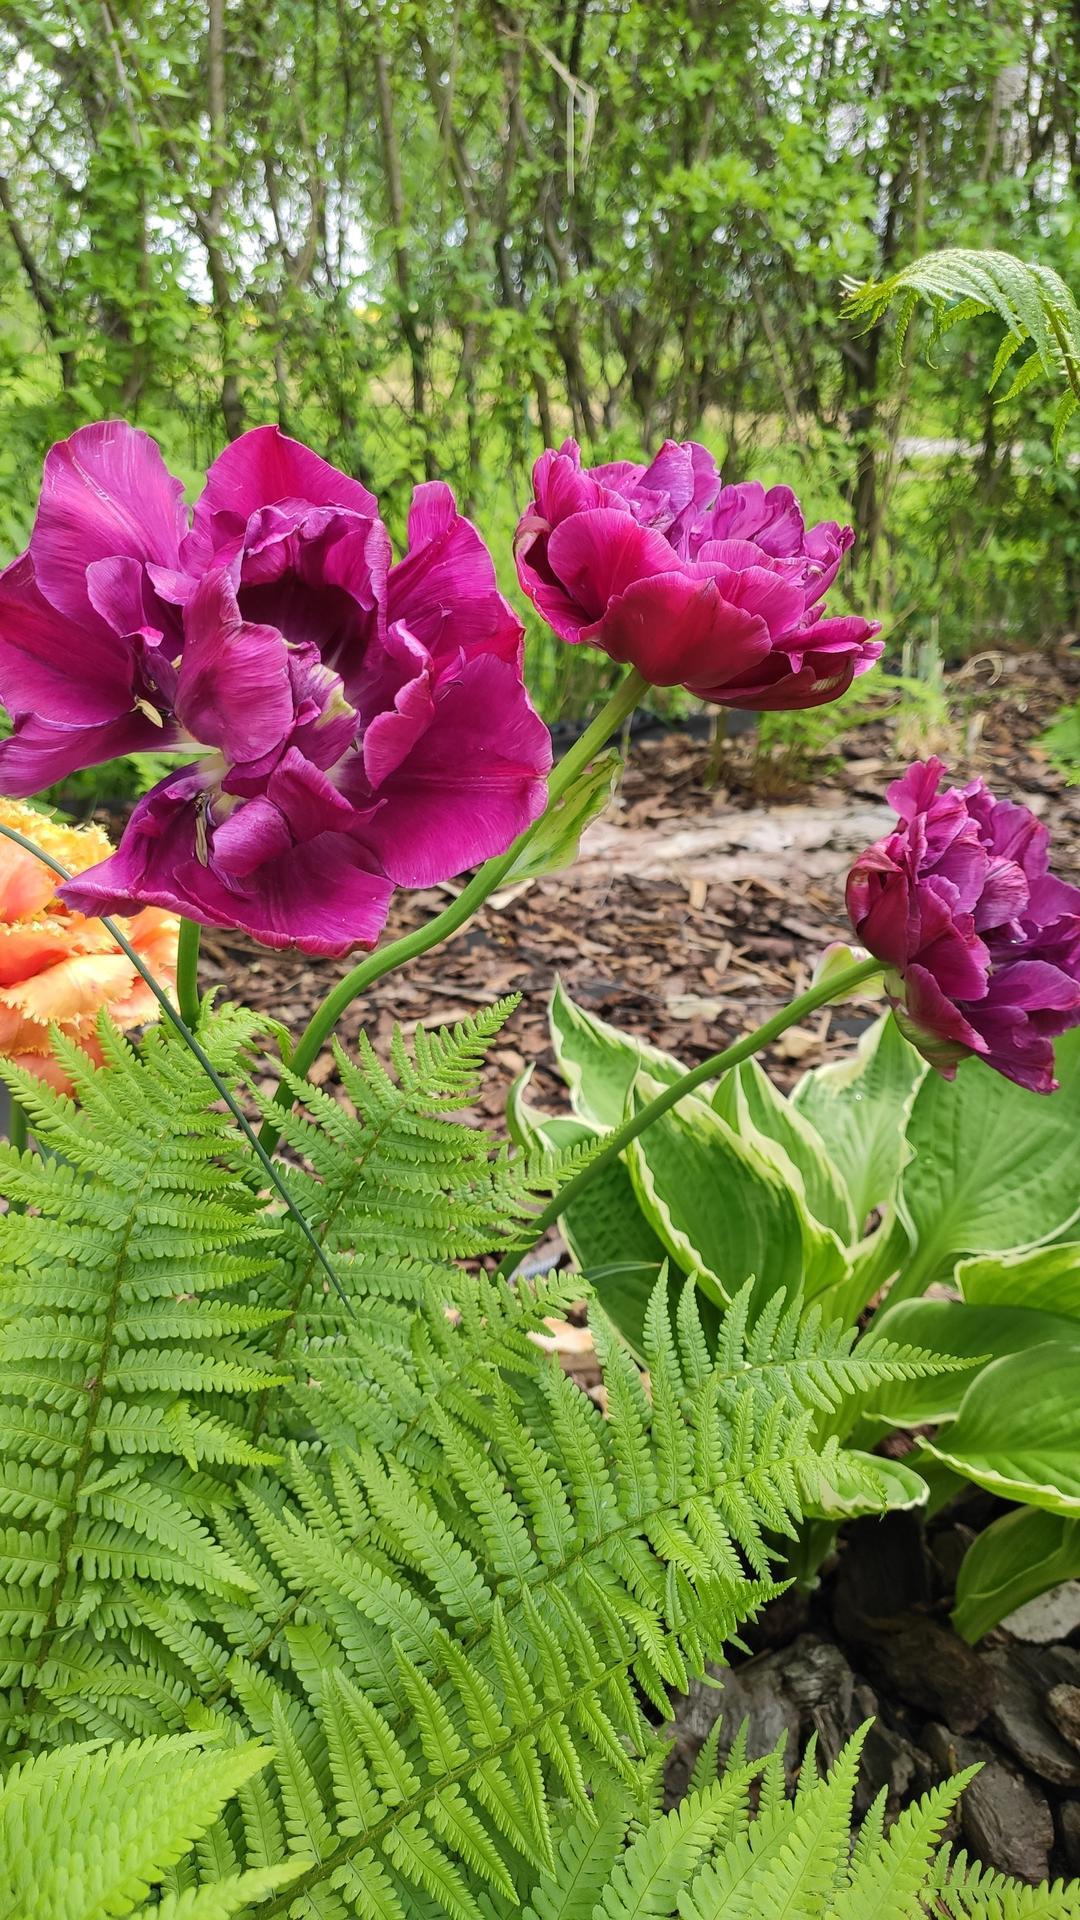 záhrada vidiecka, farebná rok 2021 - Obrázok č. 67